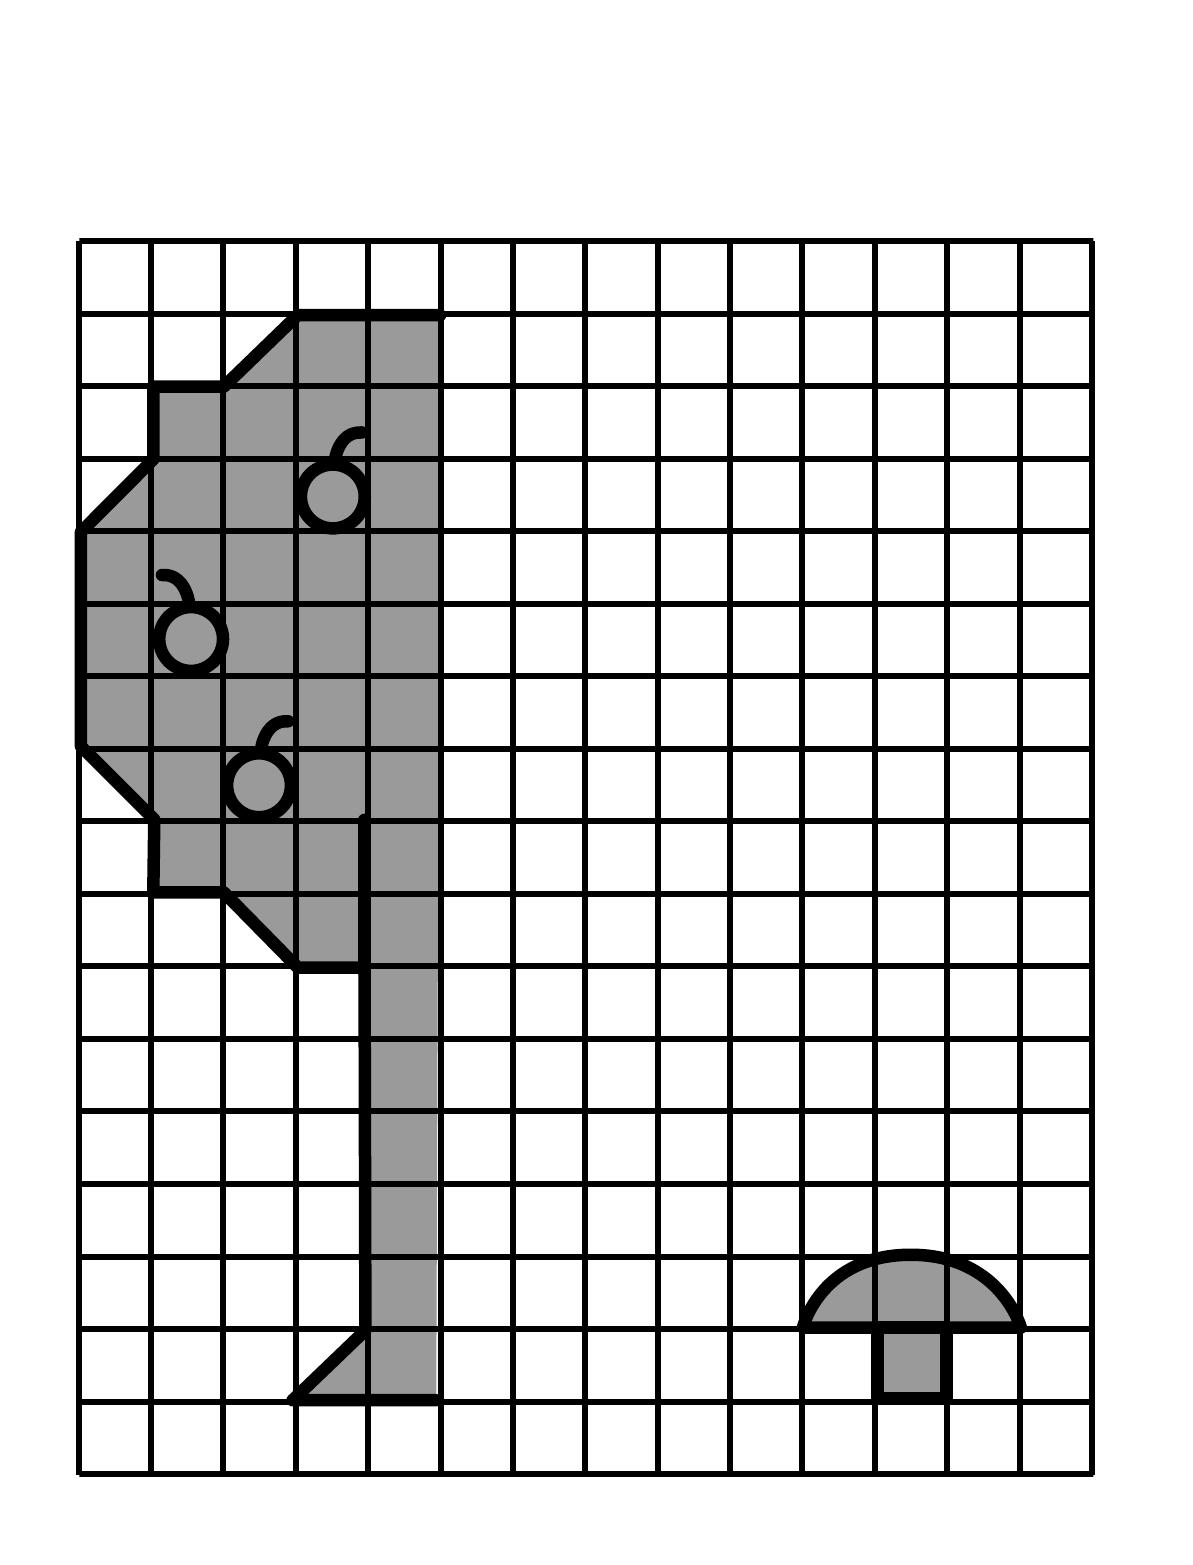 Игры рисунки по клеточкам